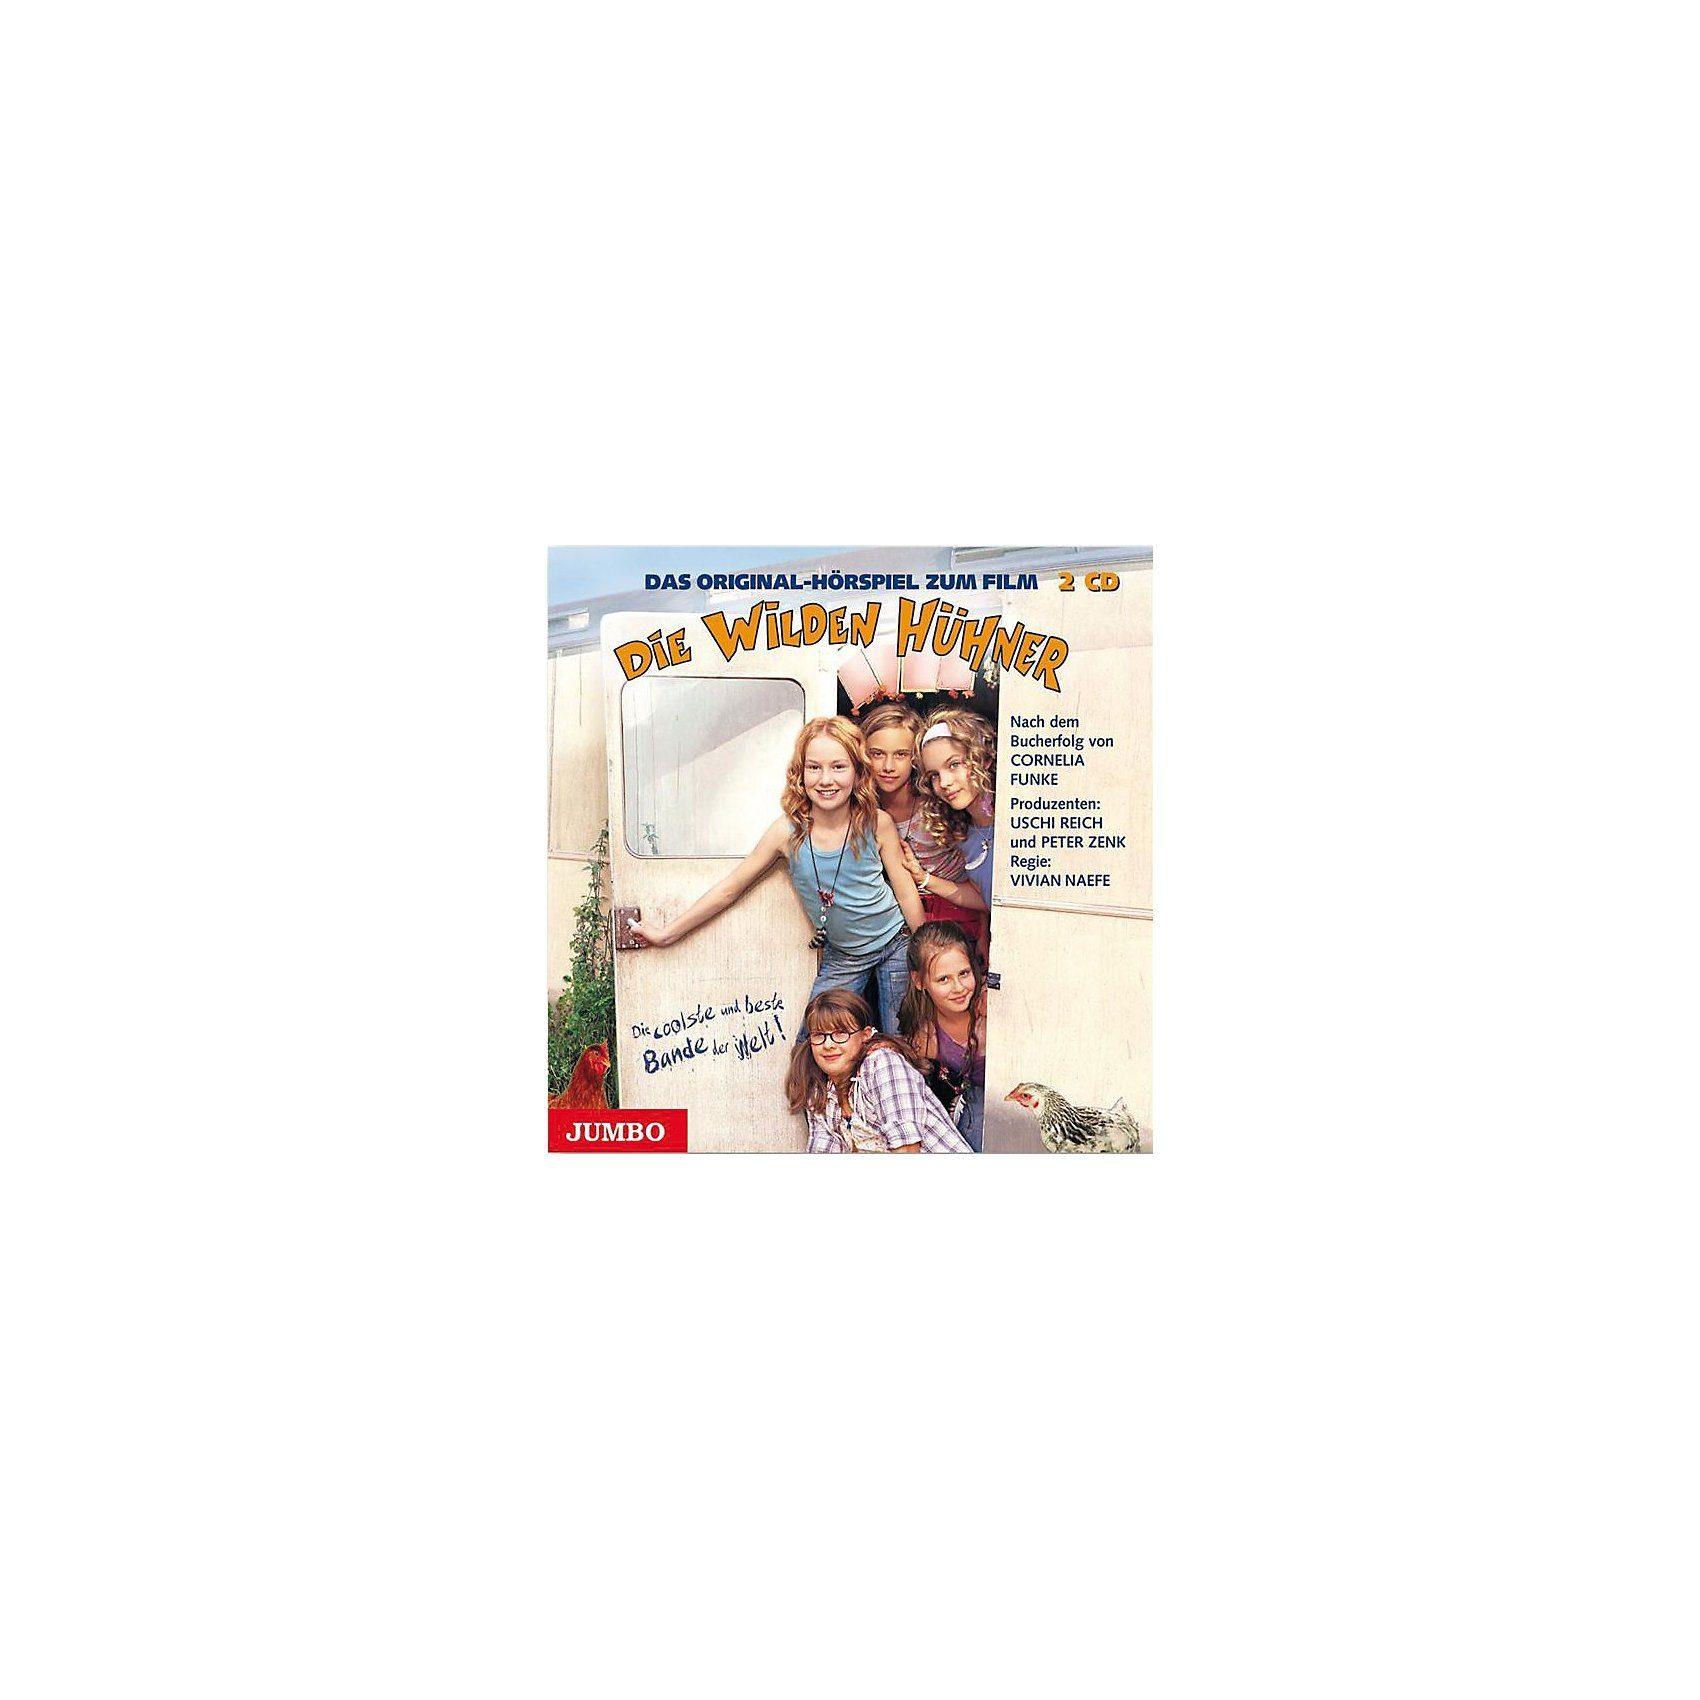 Edel CD Die wilden Hühner - Original zum Kinofilm (2 CDs)